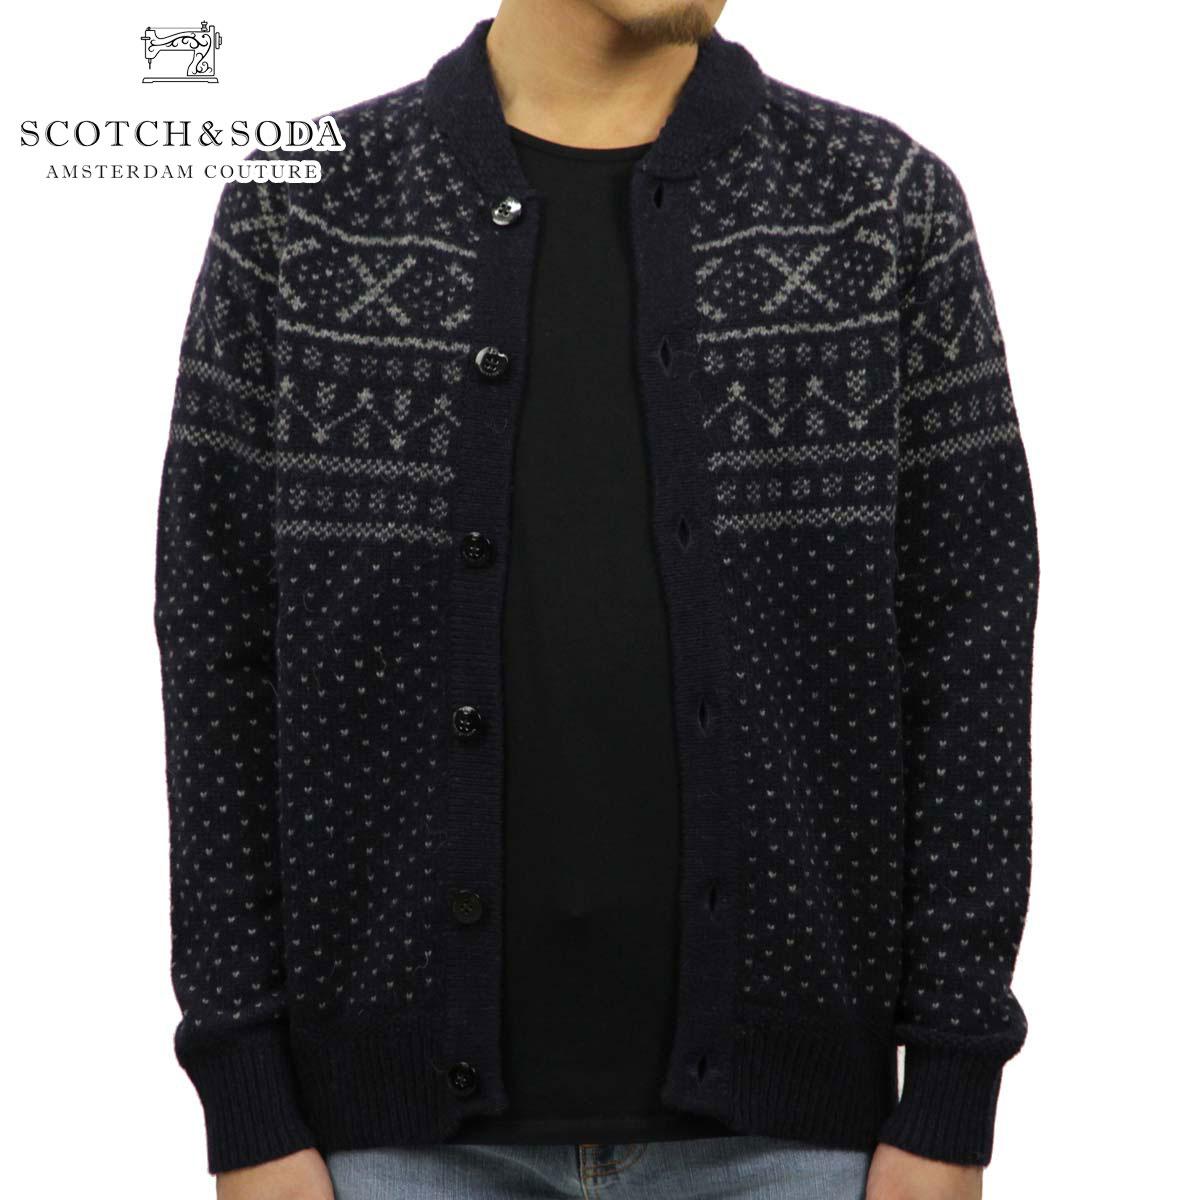 スコッチアンドソーダ セーター メンズ 正規販売店 SCOTCH&SODA カーディガン Jacquard Knit Cardigan